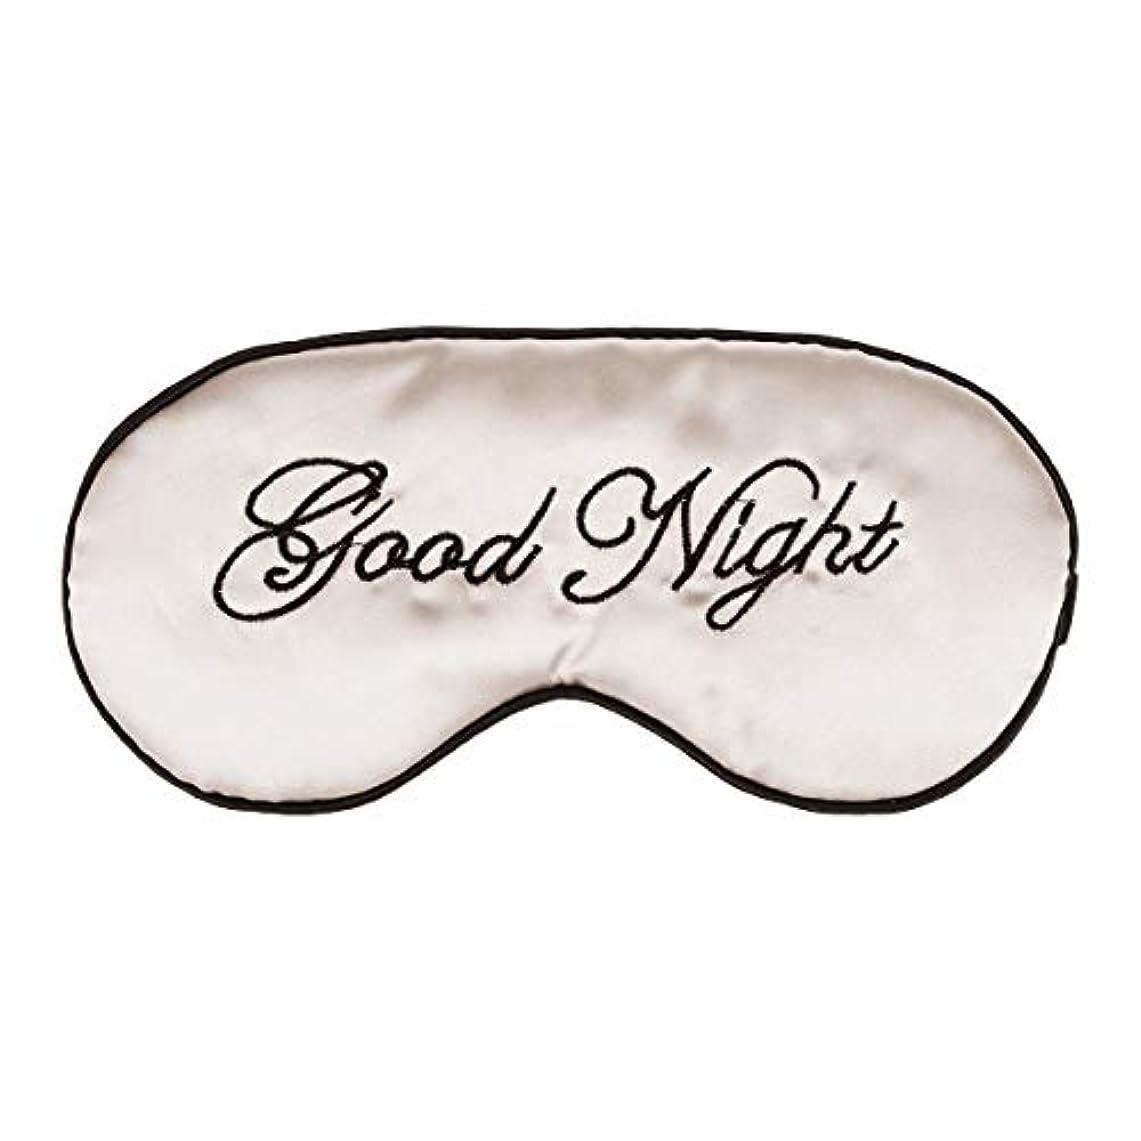 空洞クリスチャン最小化するSUPVOX シルクスリーピングマスク 刺繍スタイル 睡眠 アイマスク 軽量 アイマスク 遮光 圧迫感なし 疲れ目 睡眠 旅行 仮 眠 疲労回復に最適 無地(ベージュ)